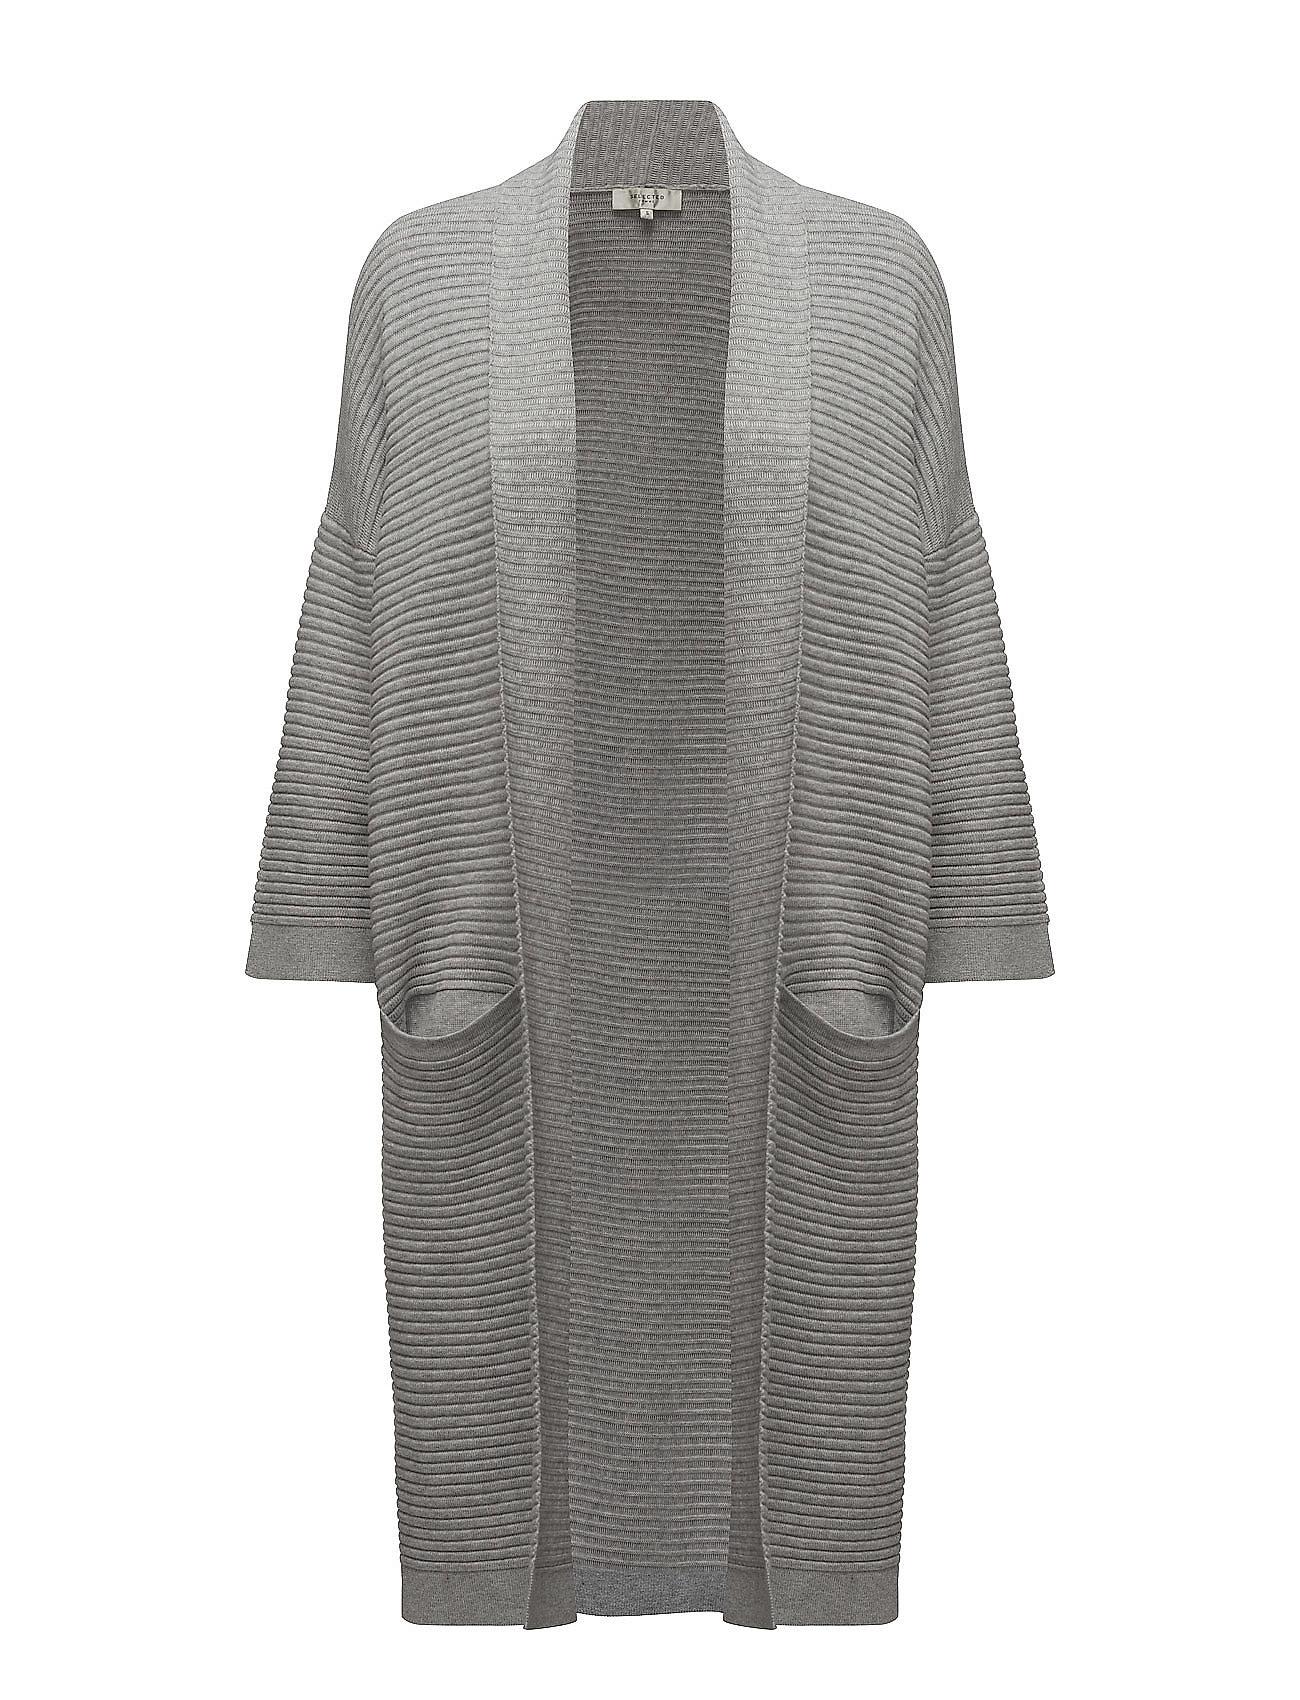 Sflaua 3/4 Knit Loose Cardigan Selected Femme Striktøj til Kvinder i Light Grey Melange